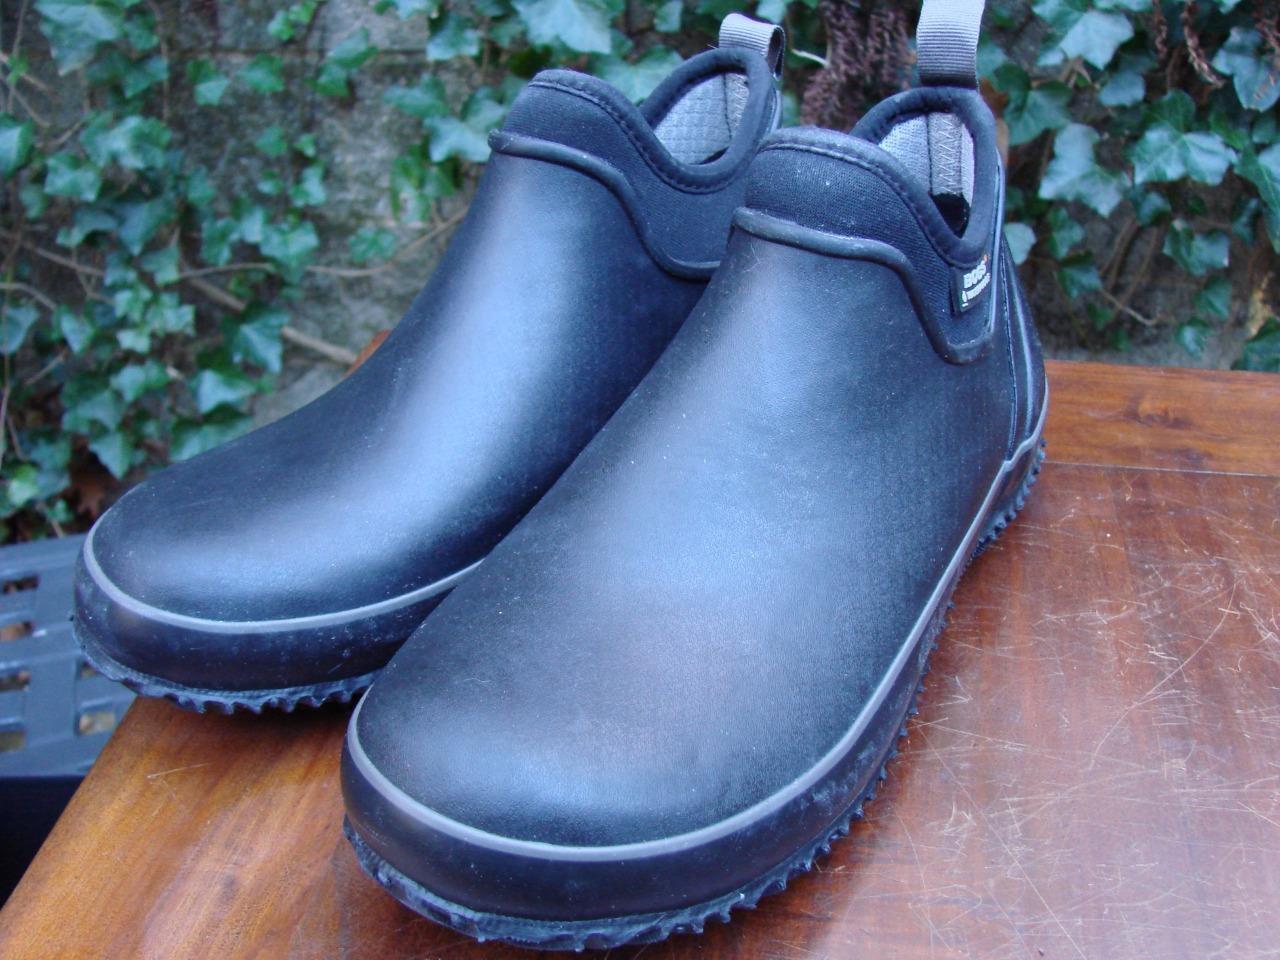 Bogs Urban Farmer 7 NEW Waterproof Boots Fishing